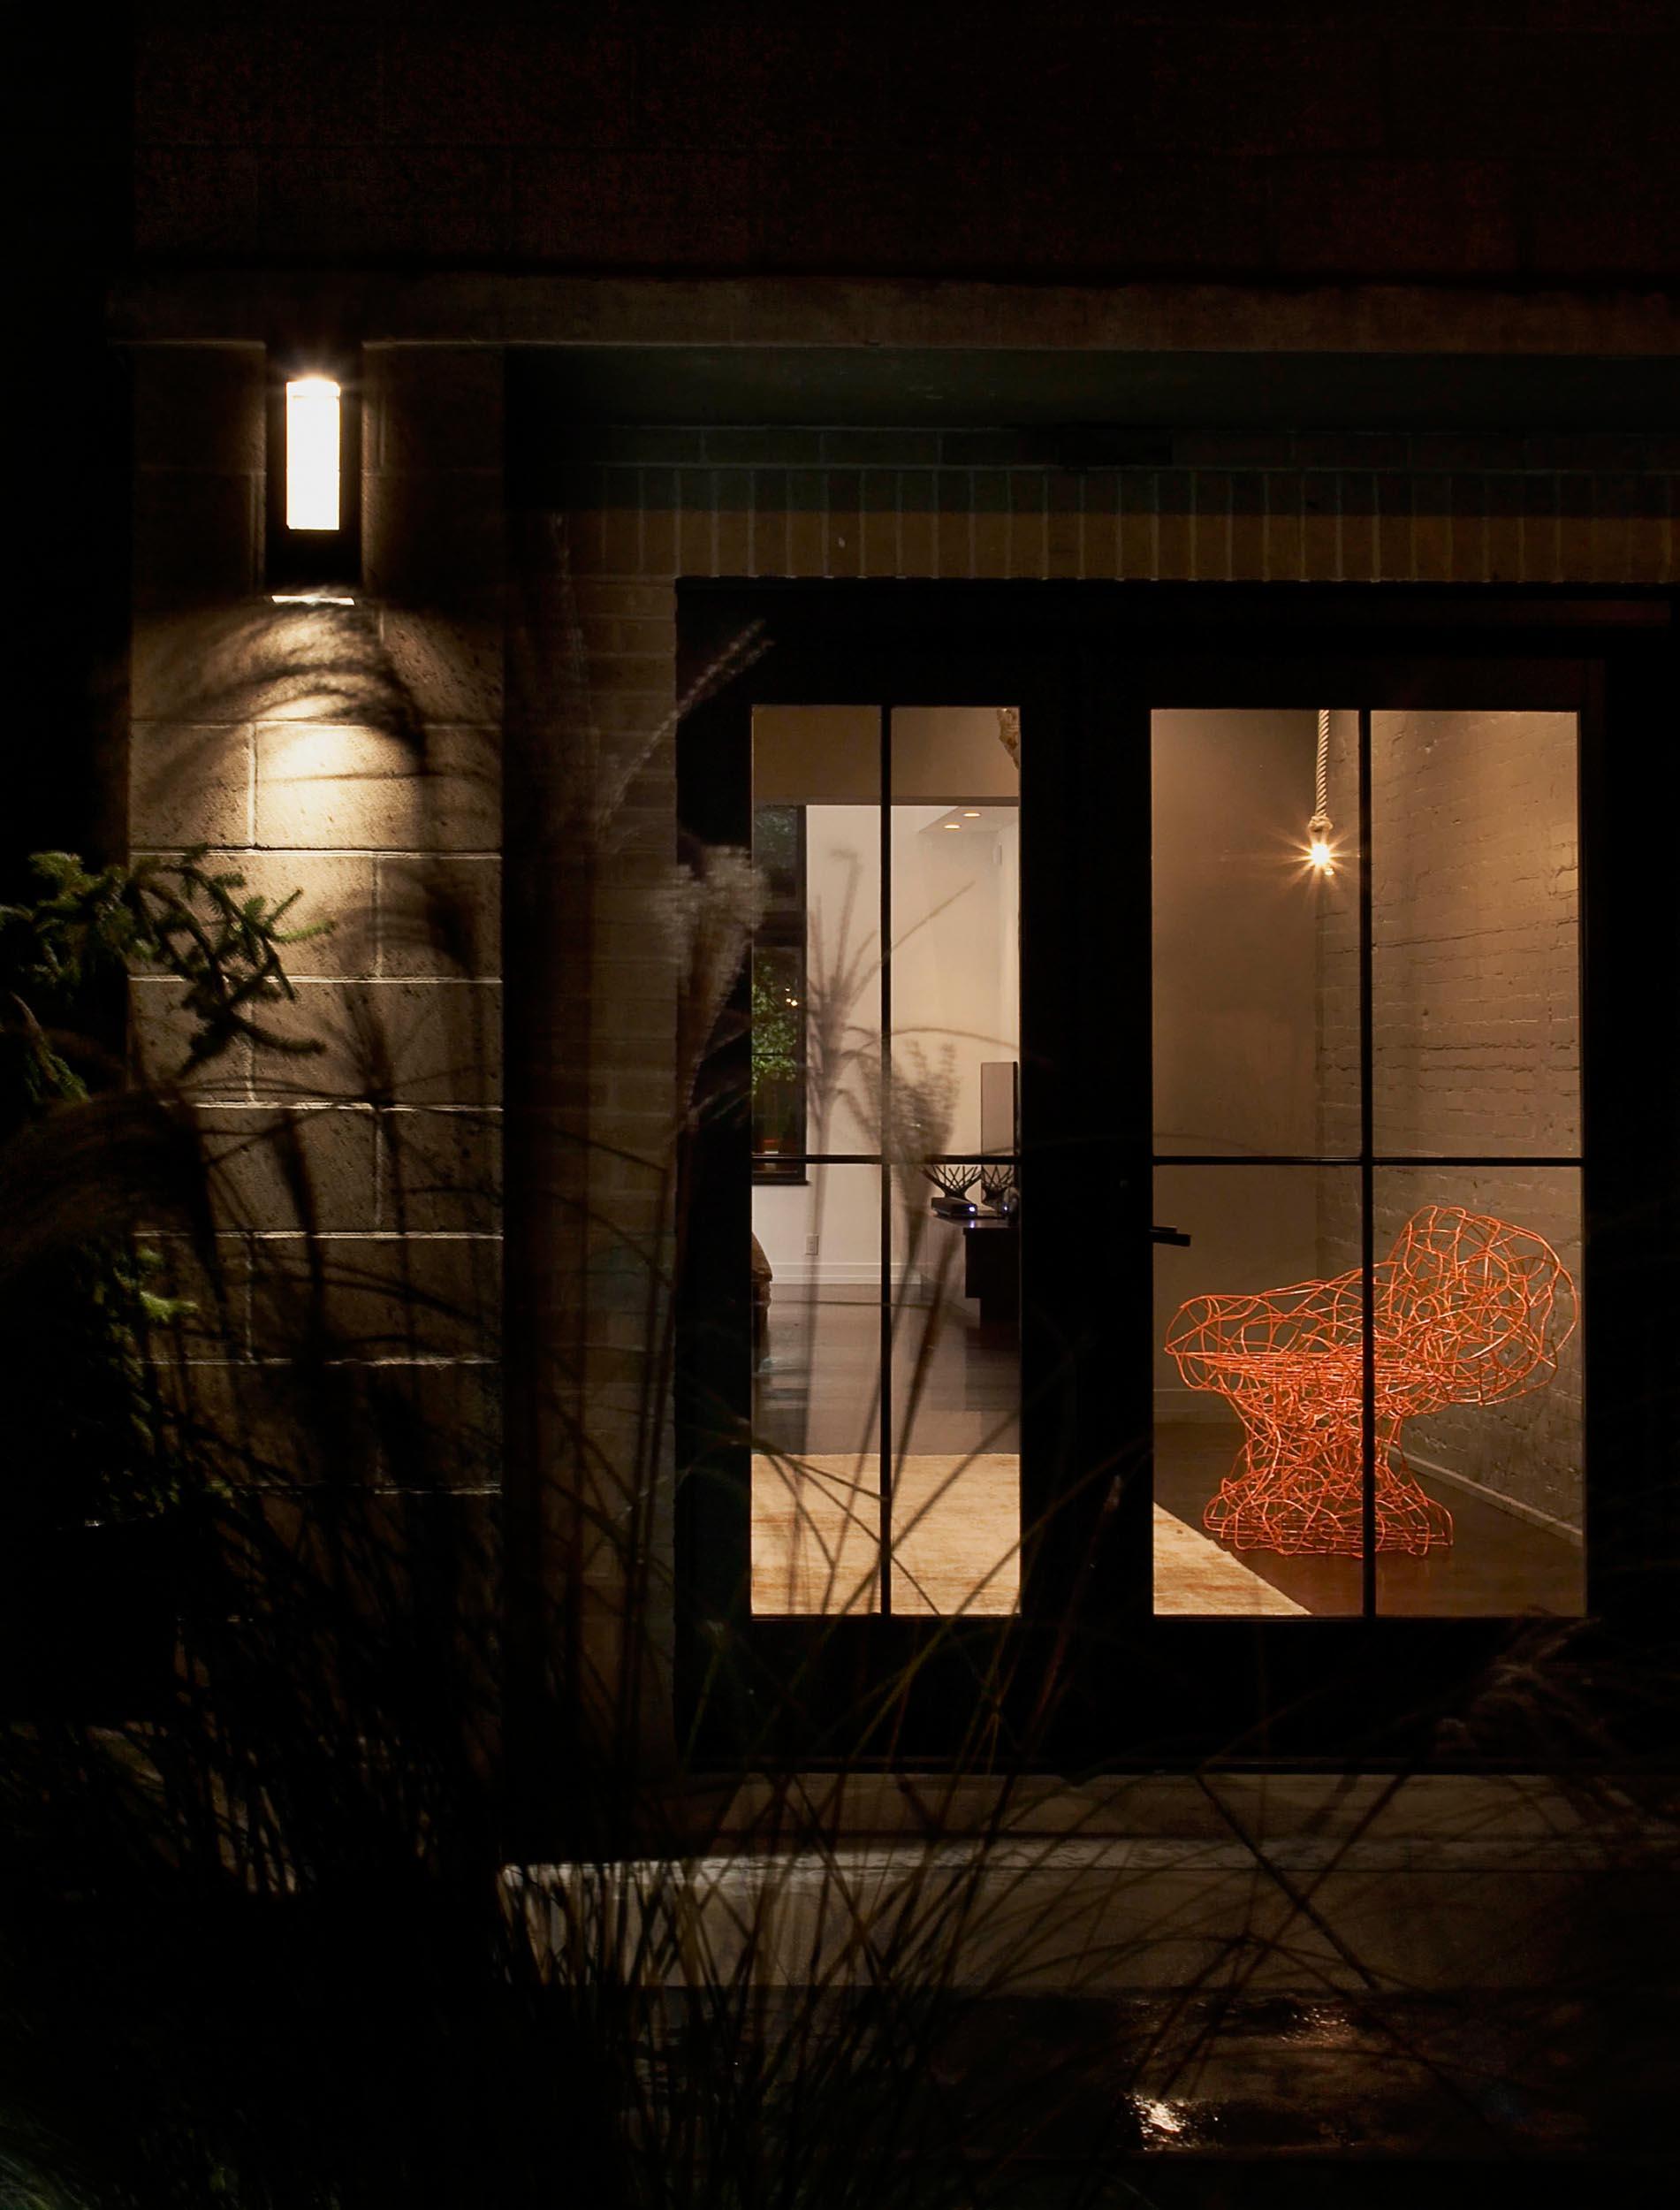 Leo_Designs_Chicago_interior_design_modern_traverse_city_transformation2.jpg